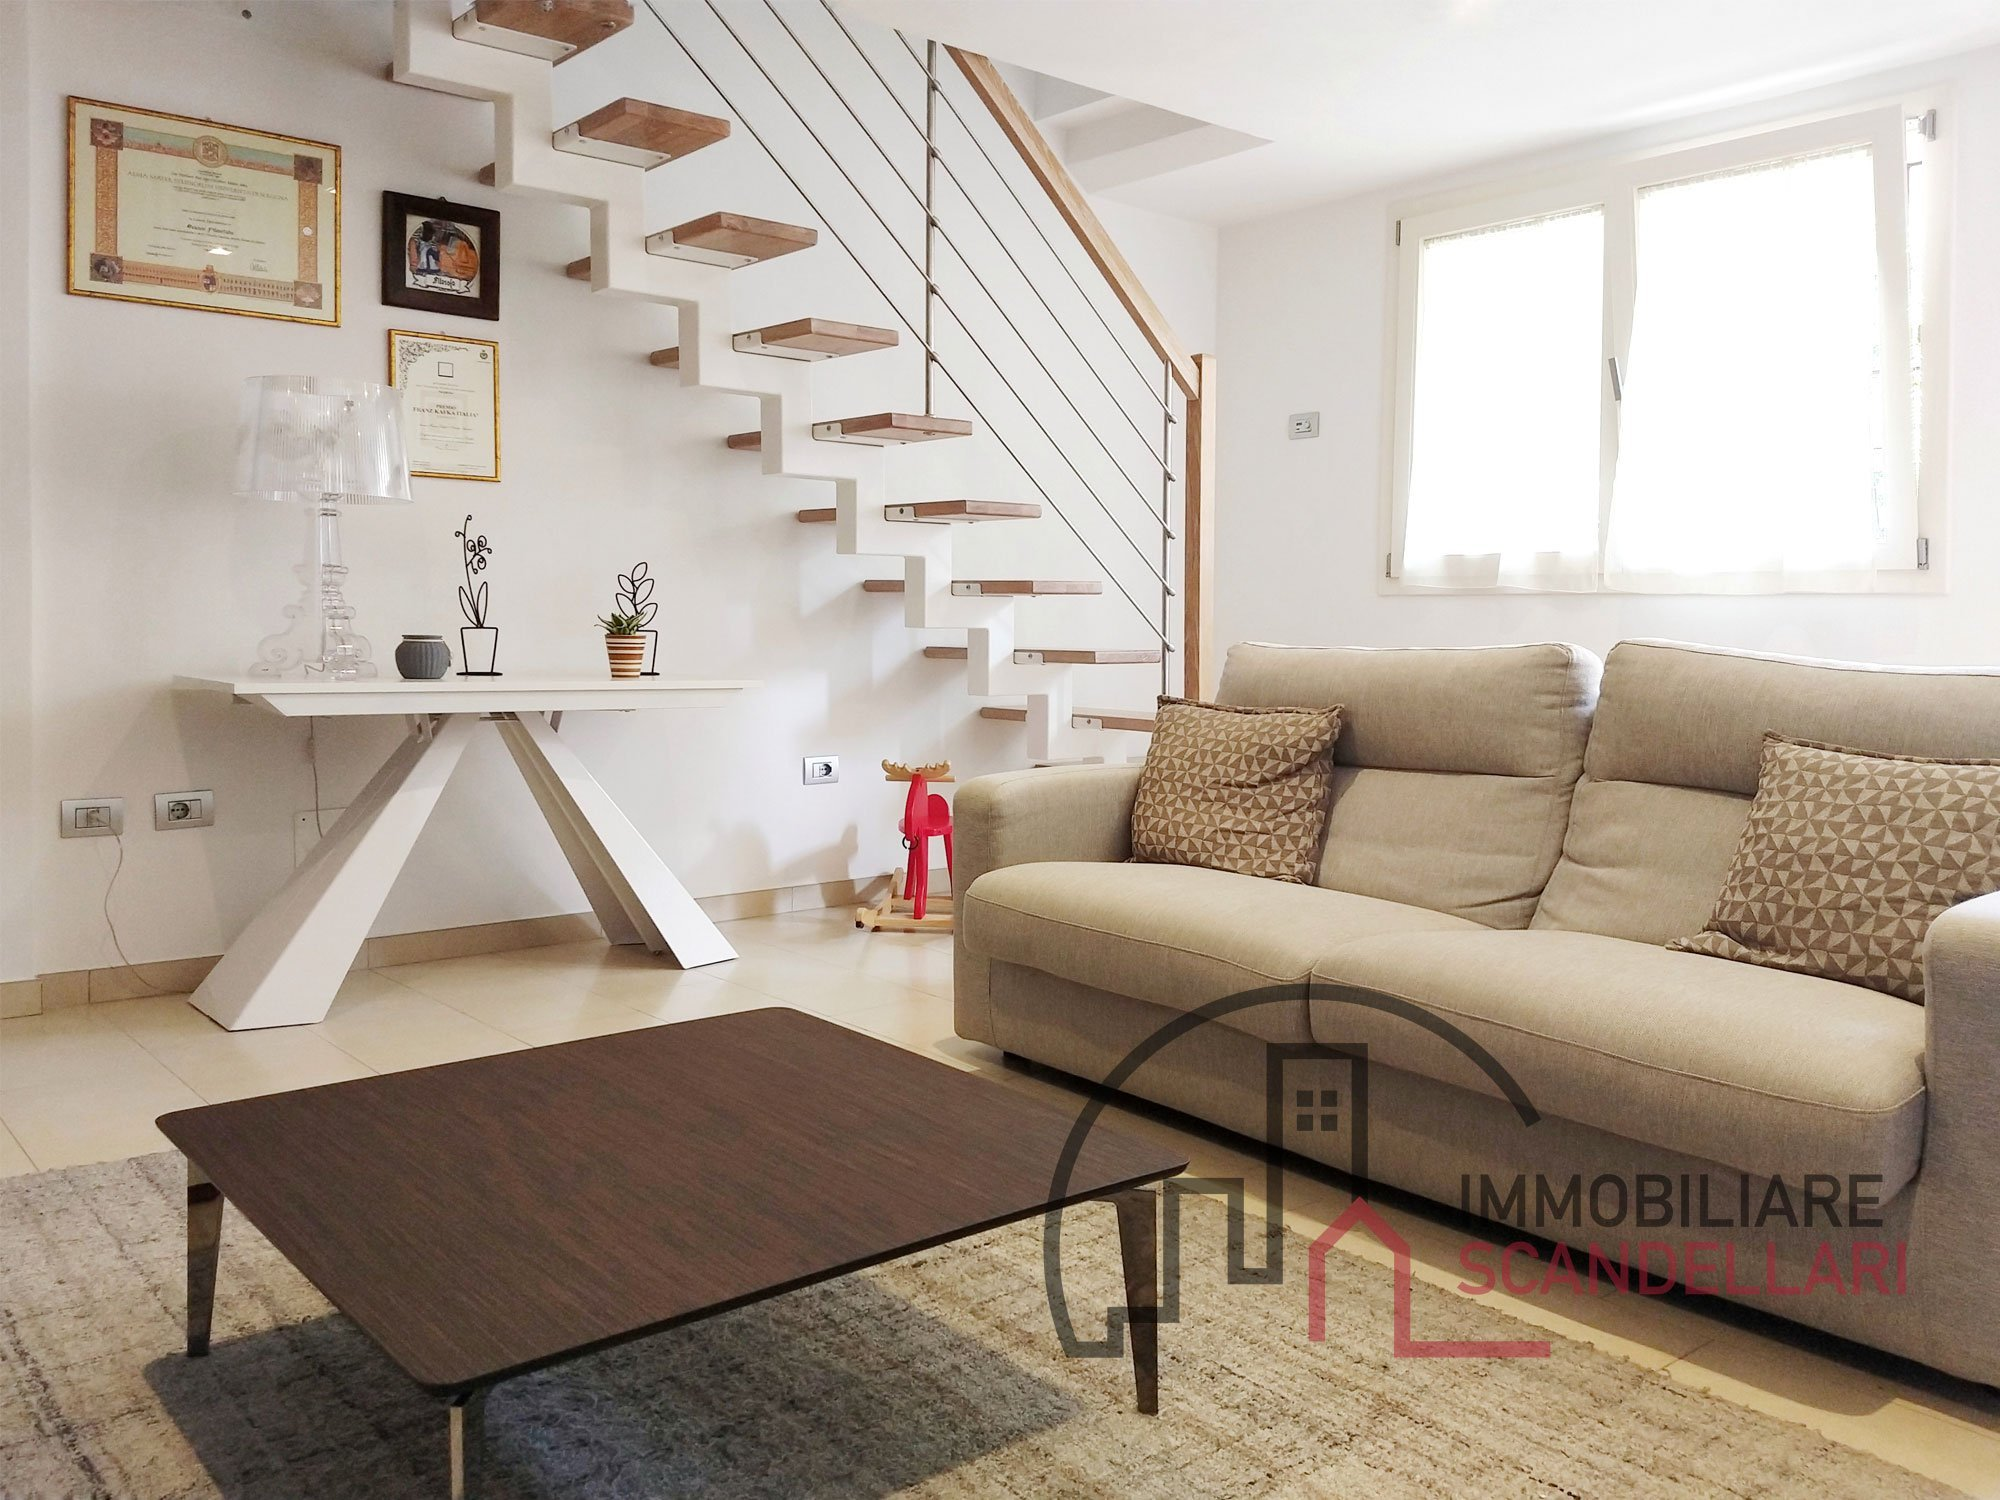 Rimini - Marecchiese - Appartamento ristrutturato con giardino e garage - Immobiliare Scandellari